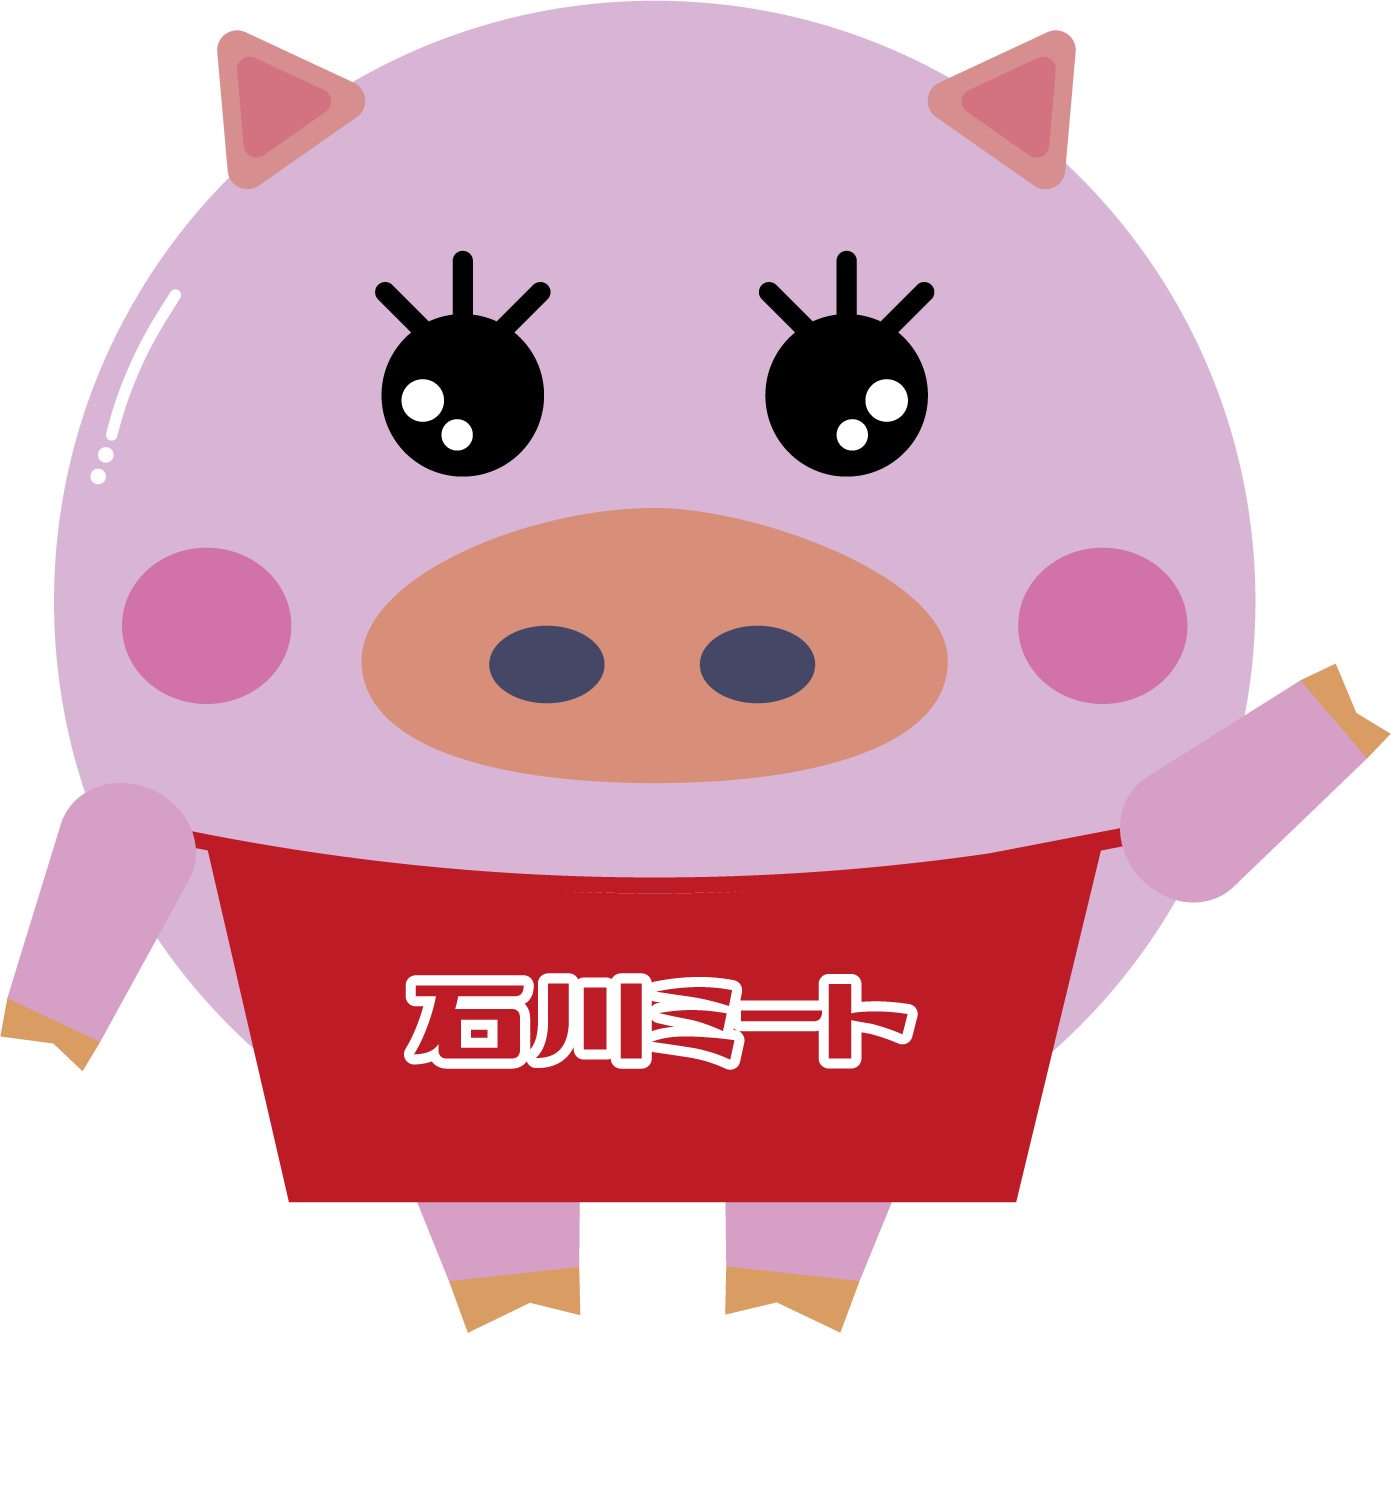 石川ミートちゃん